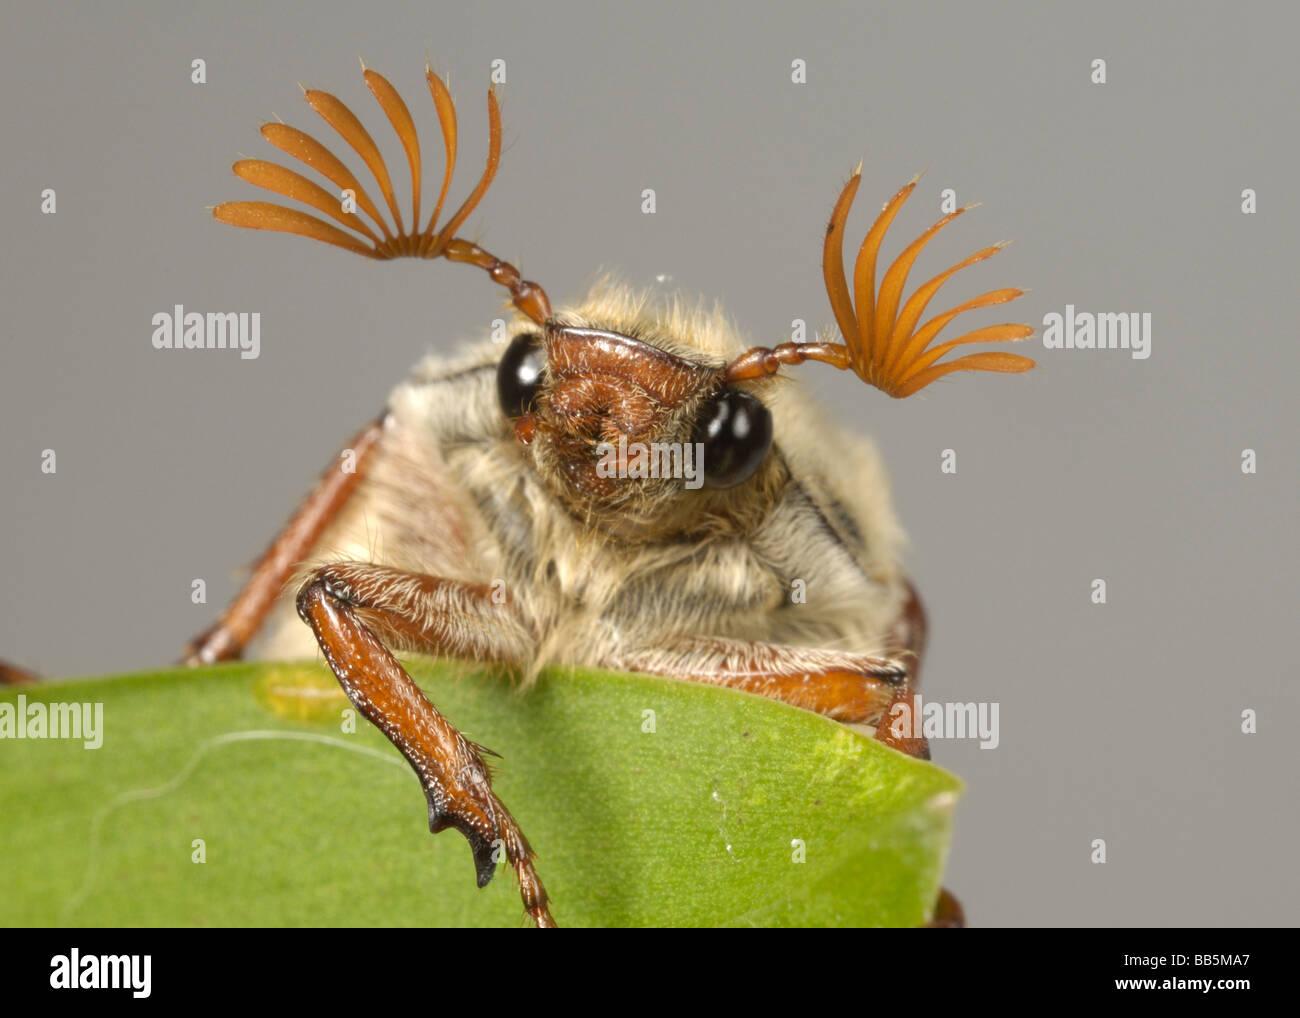 La testa e le antenne di un adulto cockchafer Melolontha melolontha o bug su una foglia Foto Stock